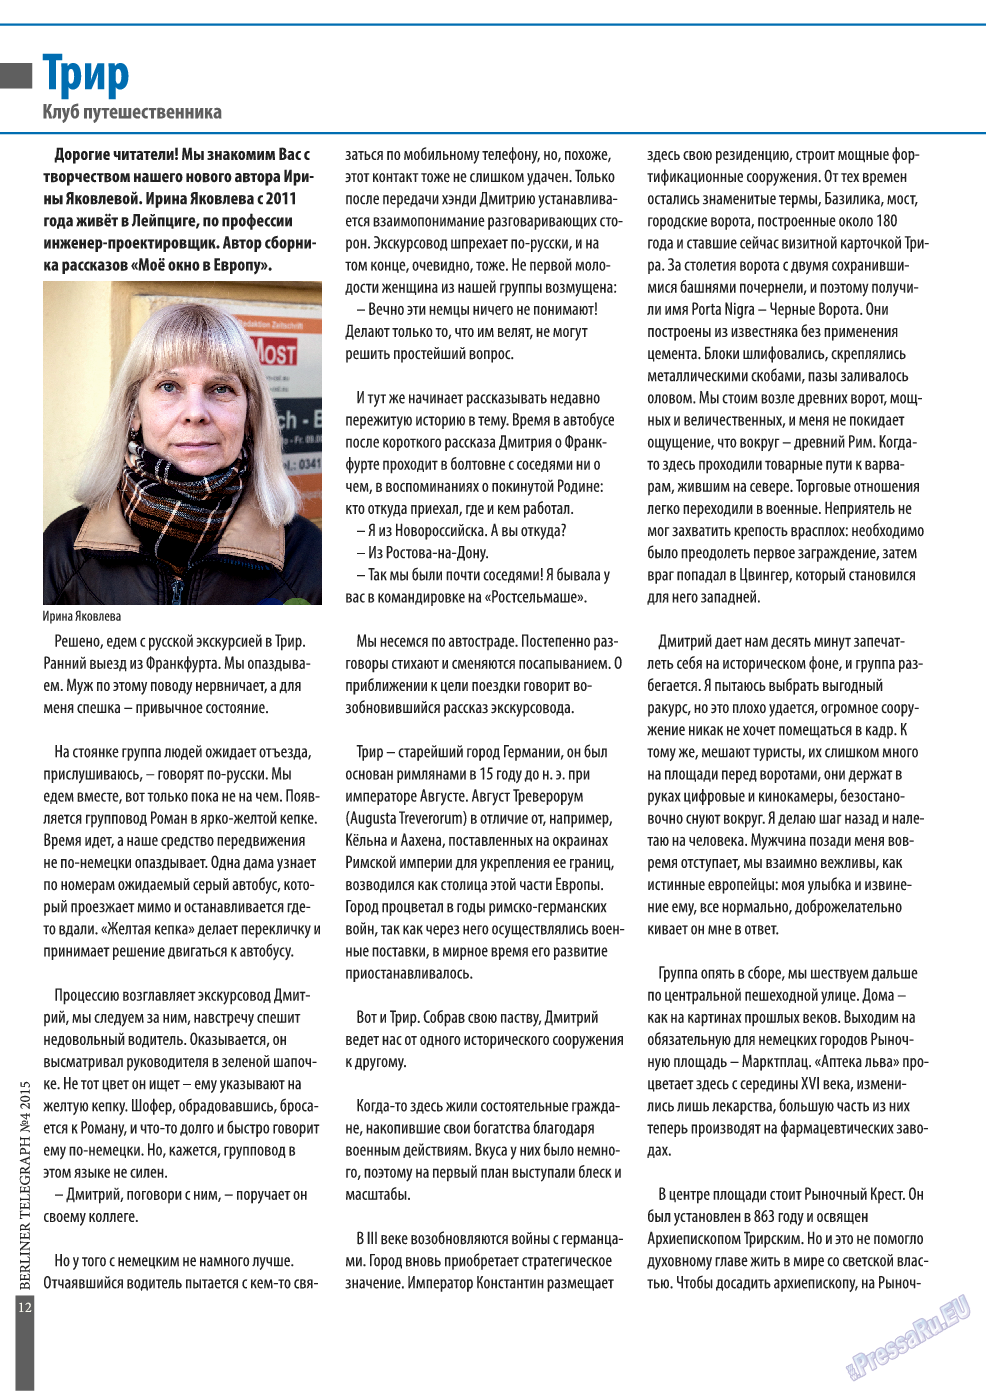 Берлинский телеграф (журнал). 2015 год, номер 4, стр. 12